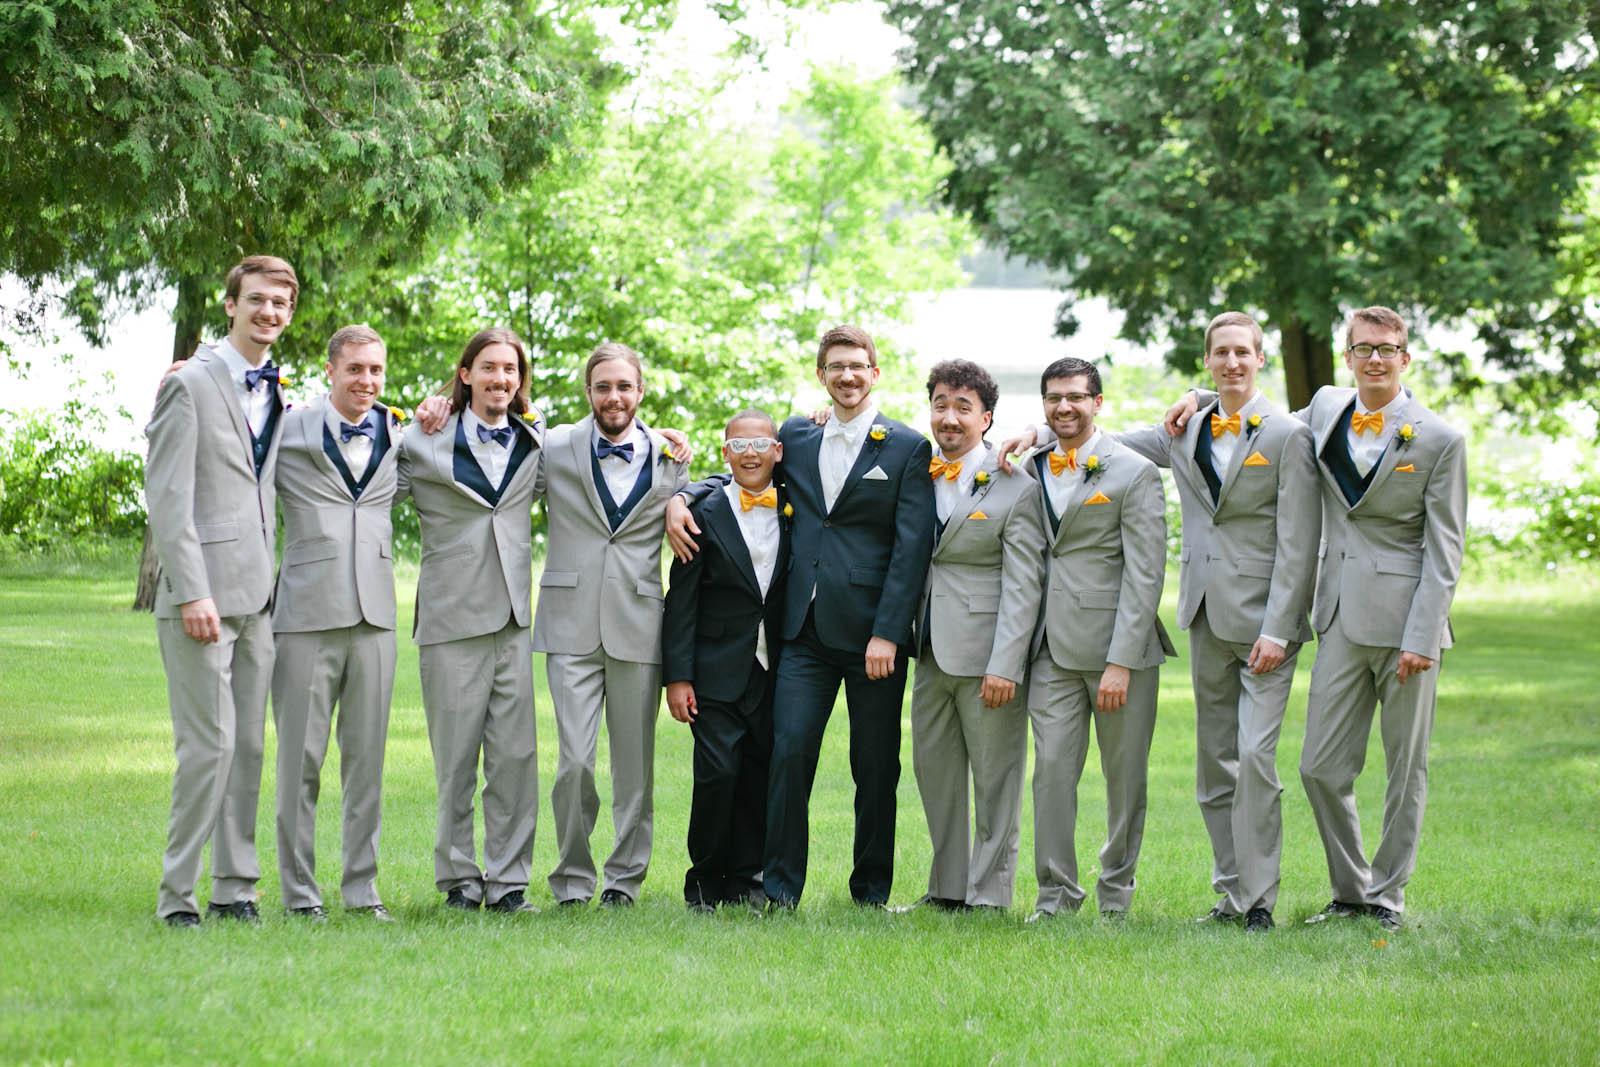 university of northwestern wedding photos